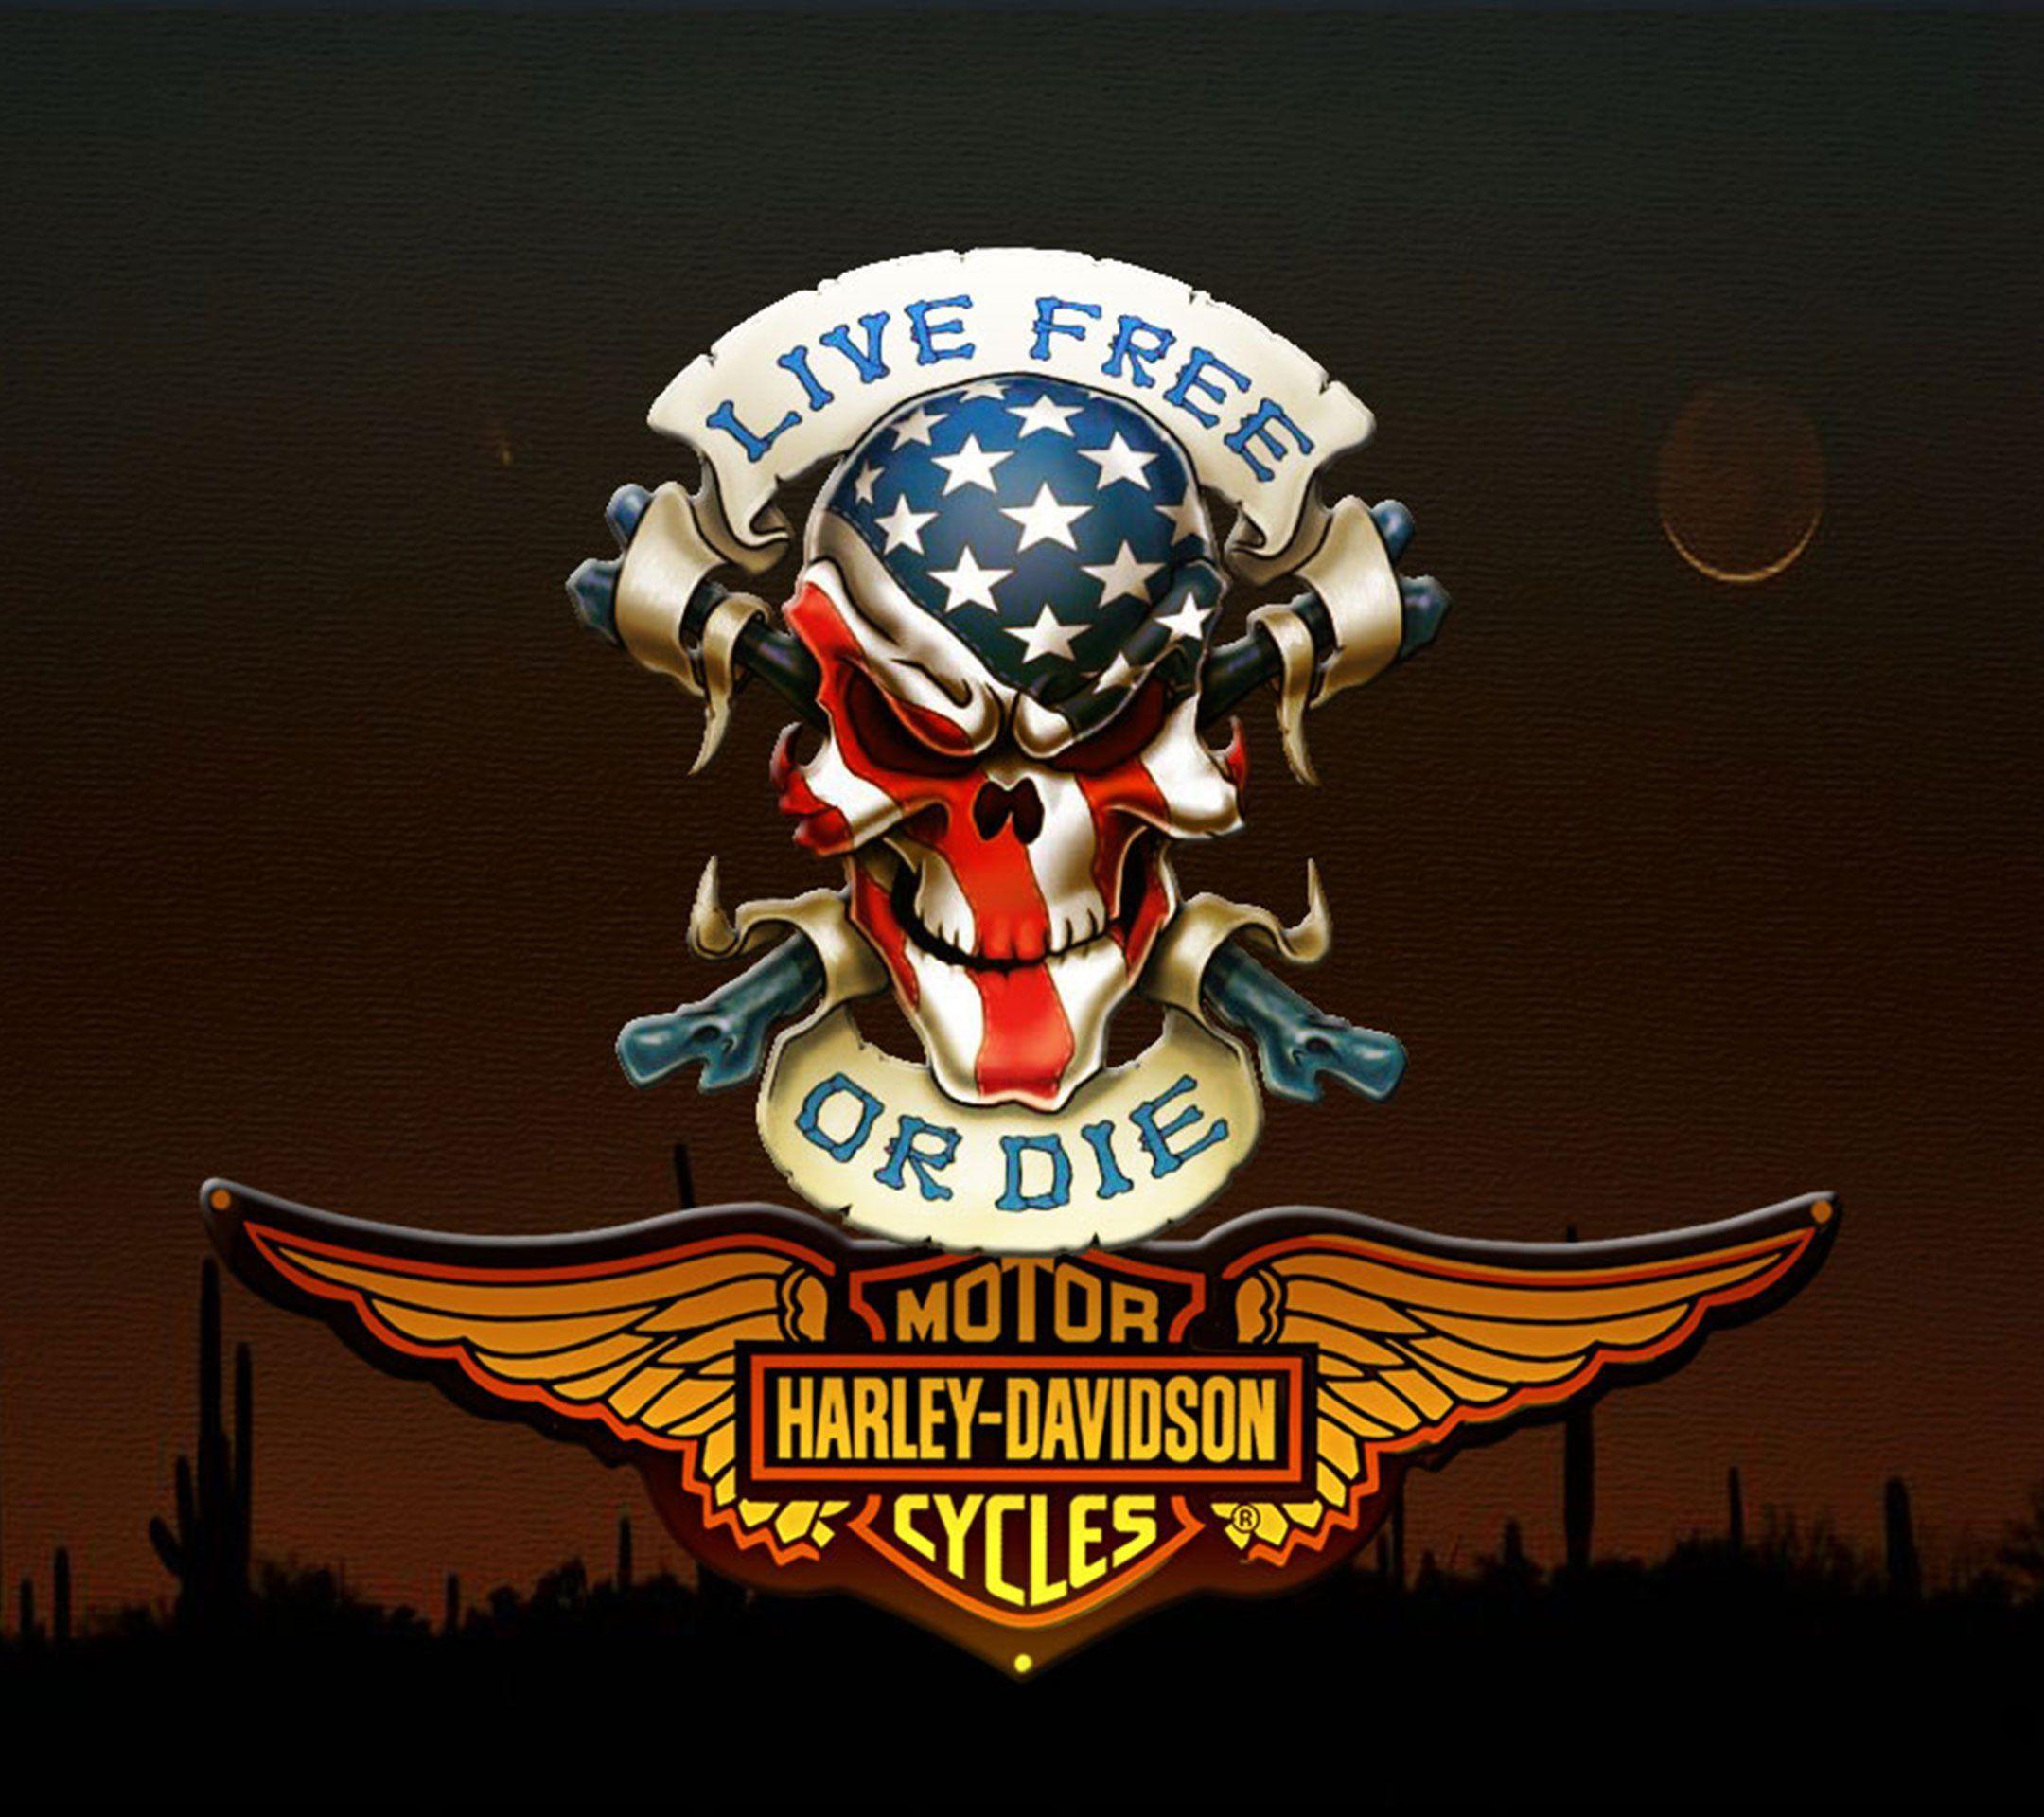 Pin Von Kirsi Rautio-Laitinen Auf Harley - Davidson | Harley über Harley Davidson Hintergrundbilder